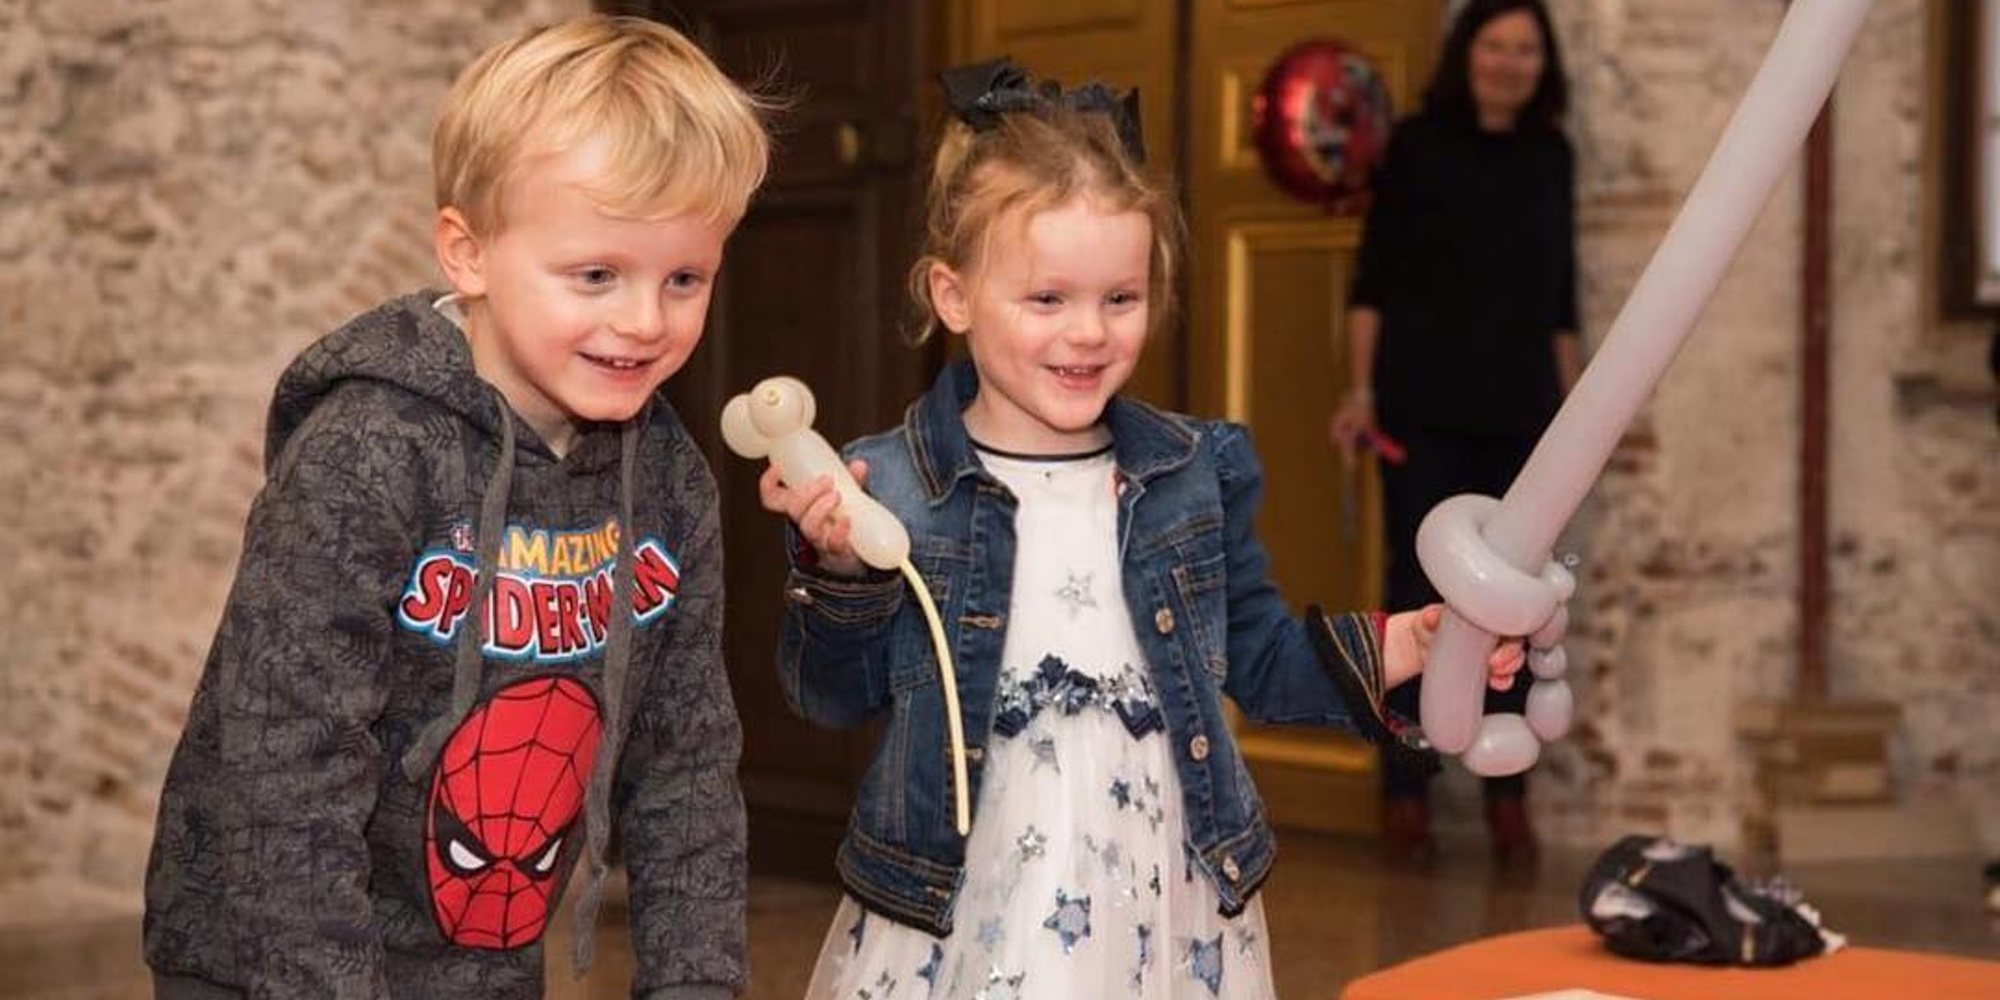 El cumpleaños más divertido de Jacques y Gabriella de Mónaco: fiesta de superhéroes y visita de los bomberos